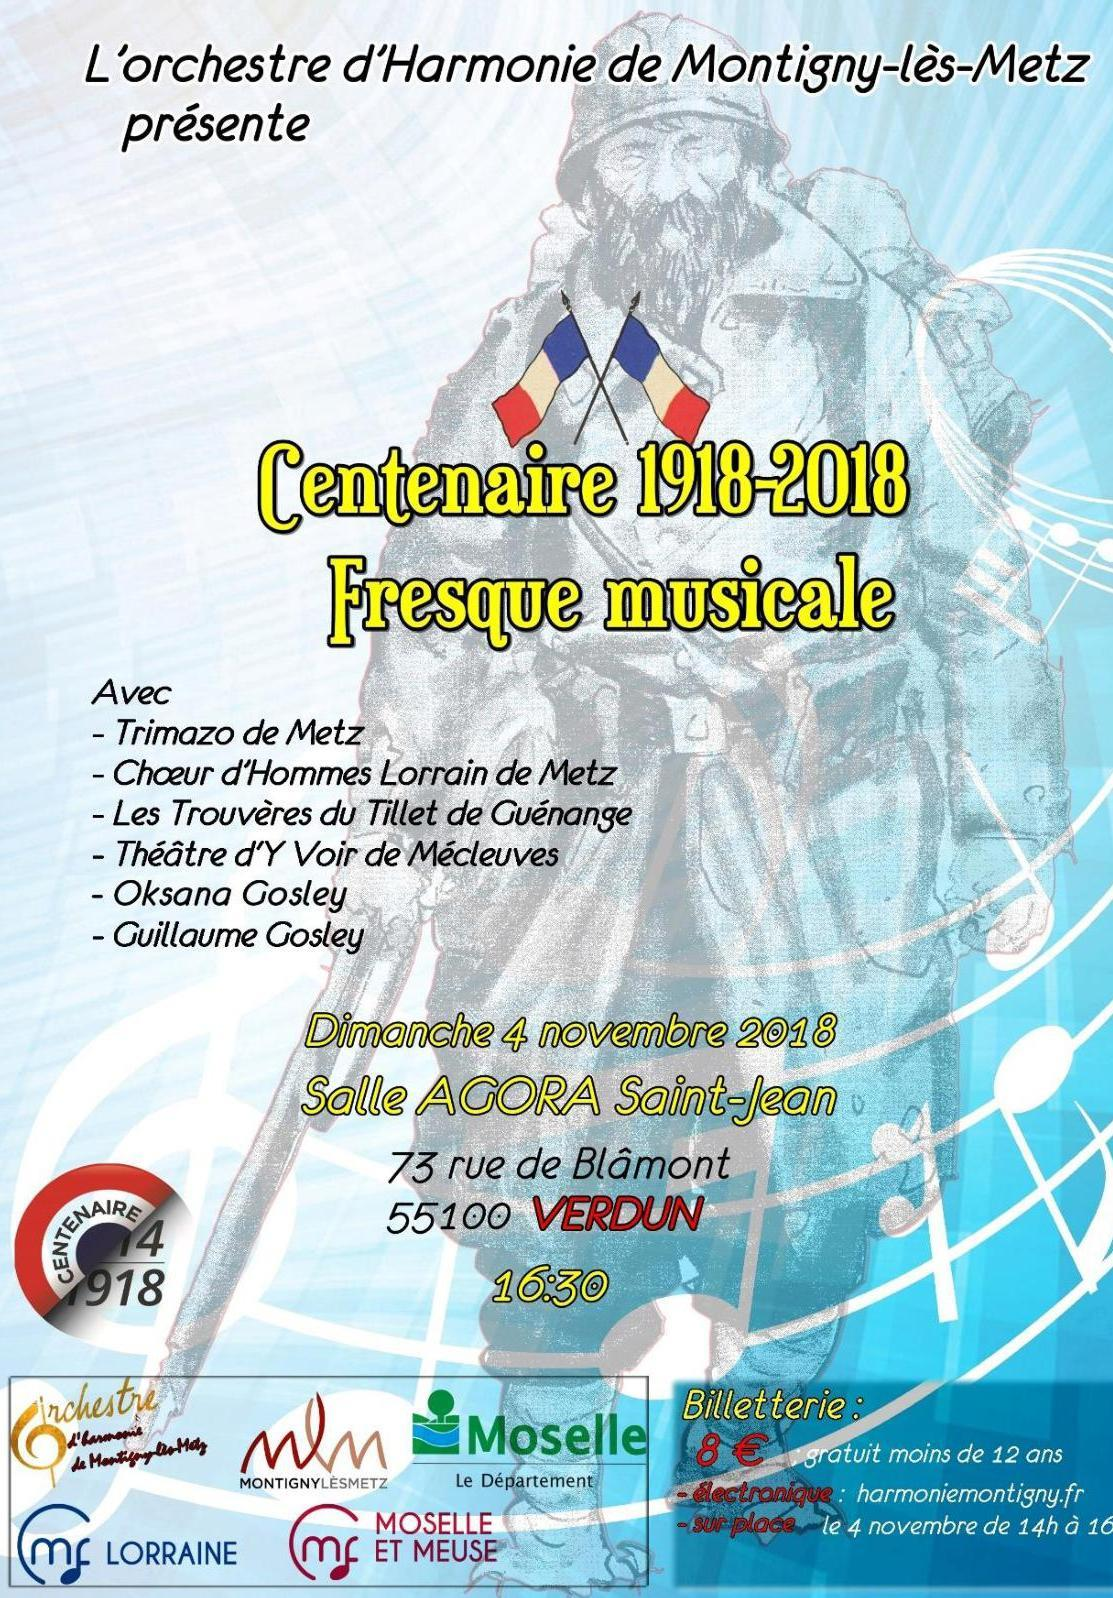 CENTENAIRE 1918-2018 FRESQUE MUSICALE